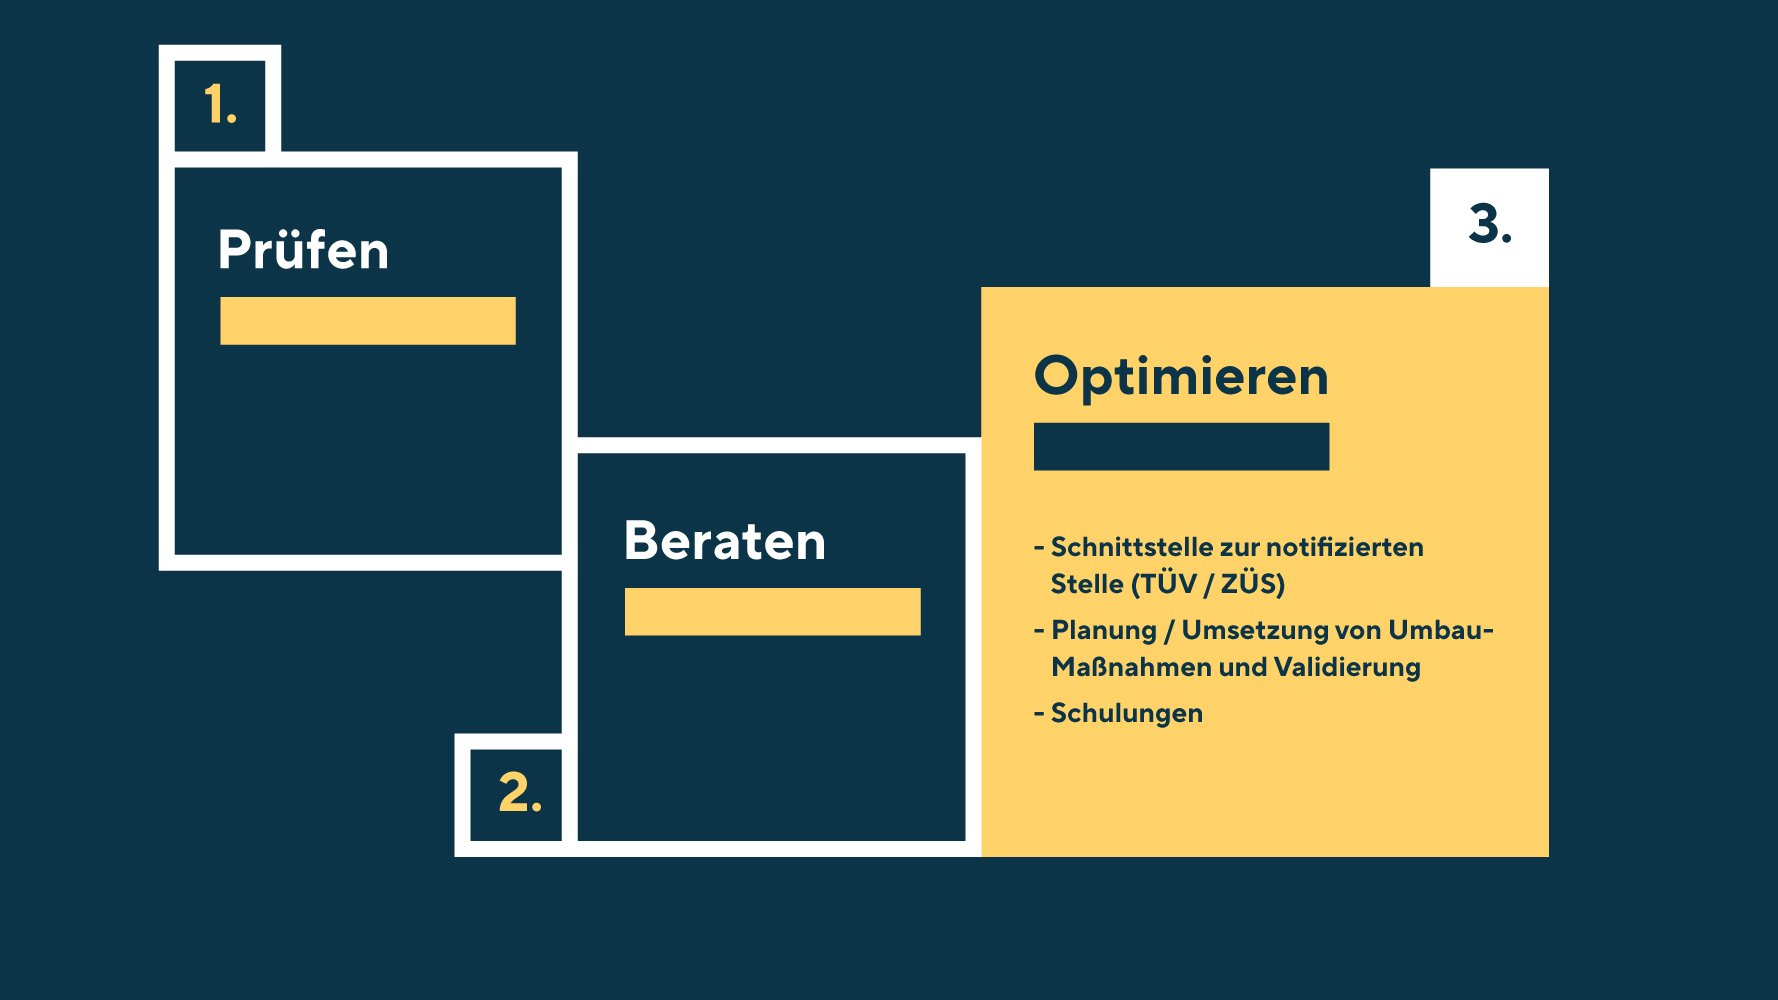 Das Leistungsfeld Optimieren befasst sich mit den Themen Schnittstelle zur notifizierten Stelle (TÜV/ZÜS), Planung/Umsetzung von Umbau-Maßnahmen und Validieren und Schulungen